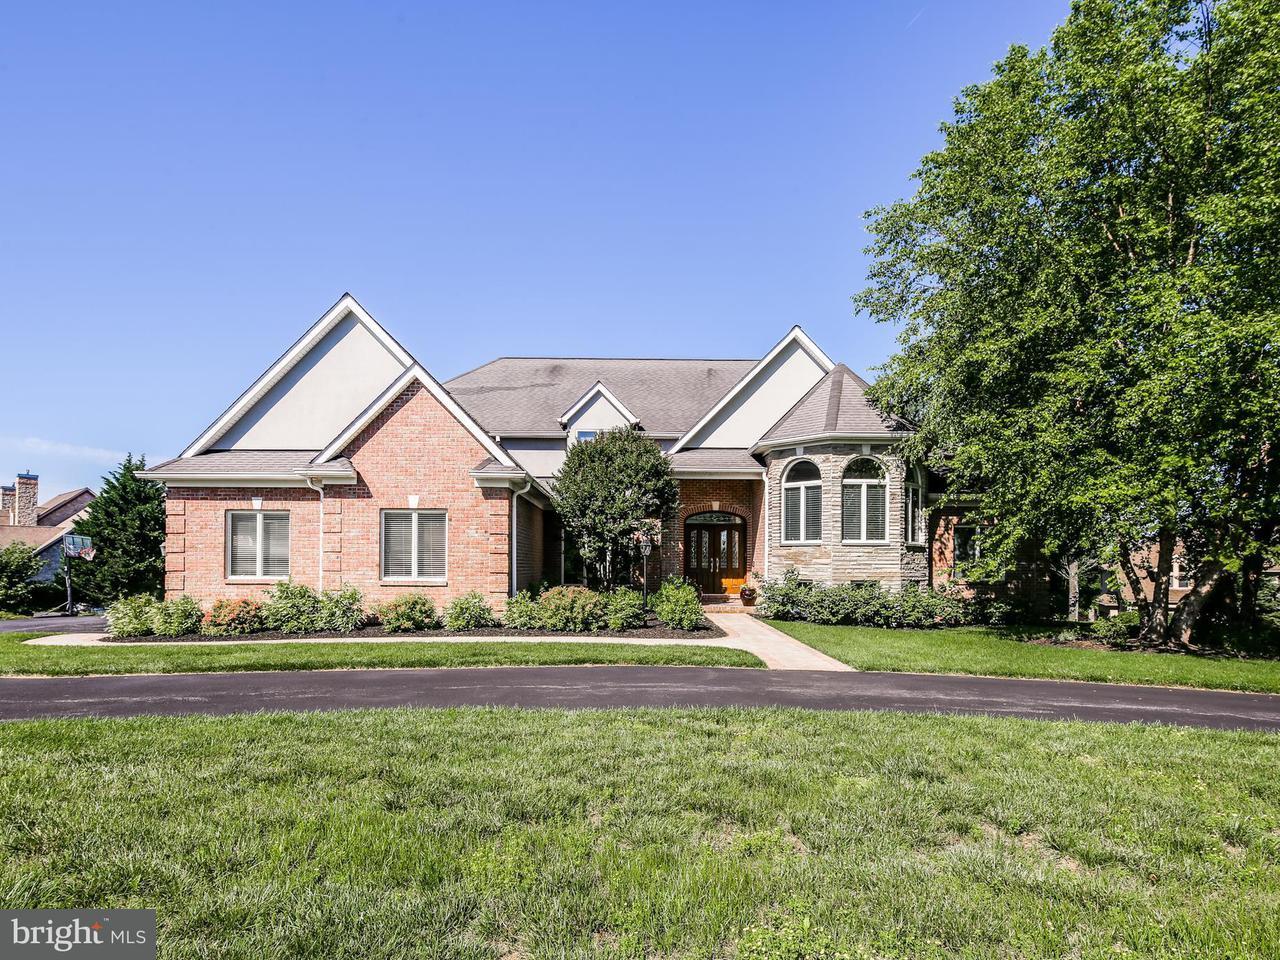 Частный односемейный дом для того Продажа на 3601 Willow Birch Drive 3601 Willow Birch Drive Glenwood, Мэриленд 21738 Соединенные Штаты